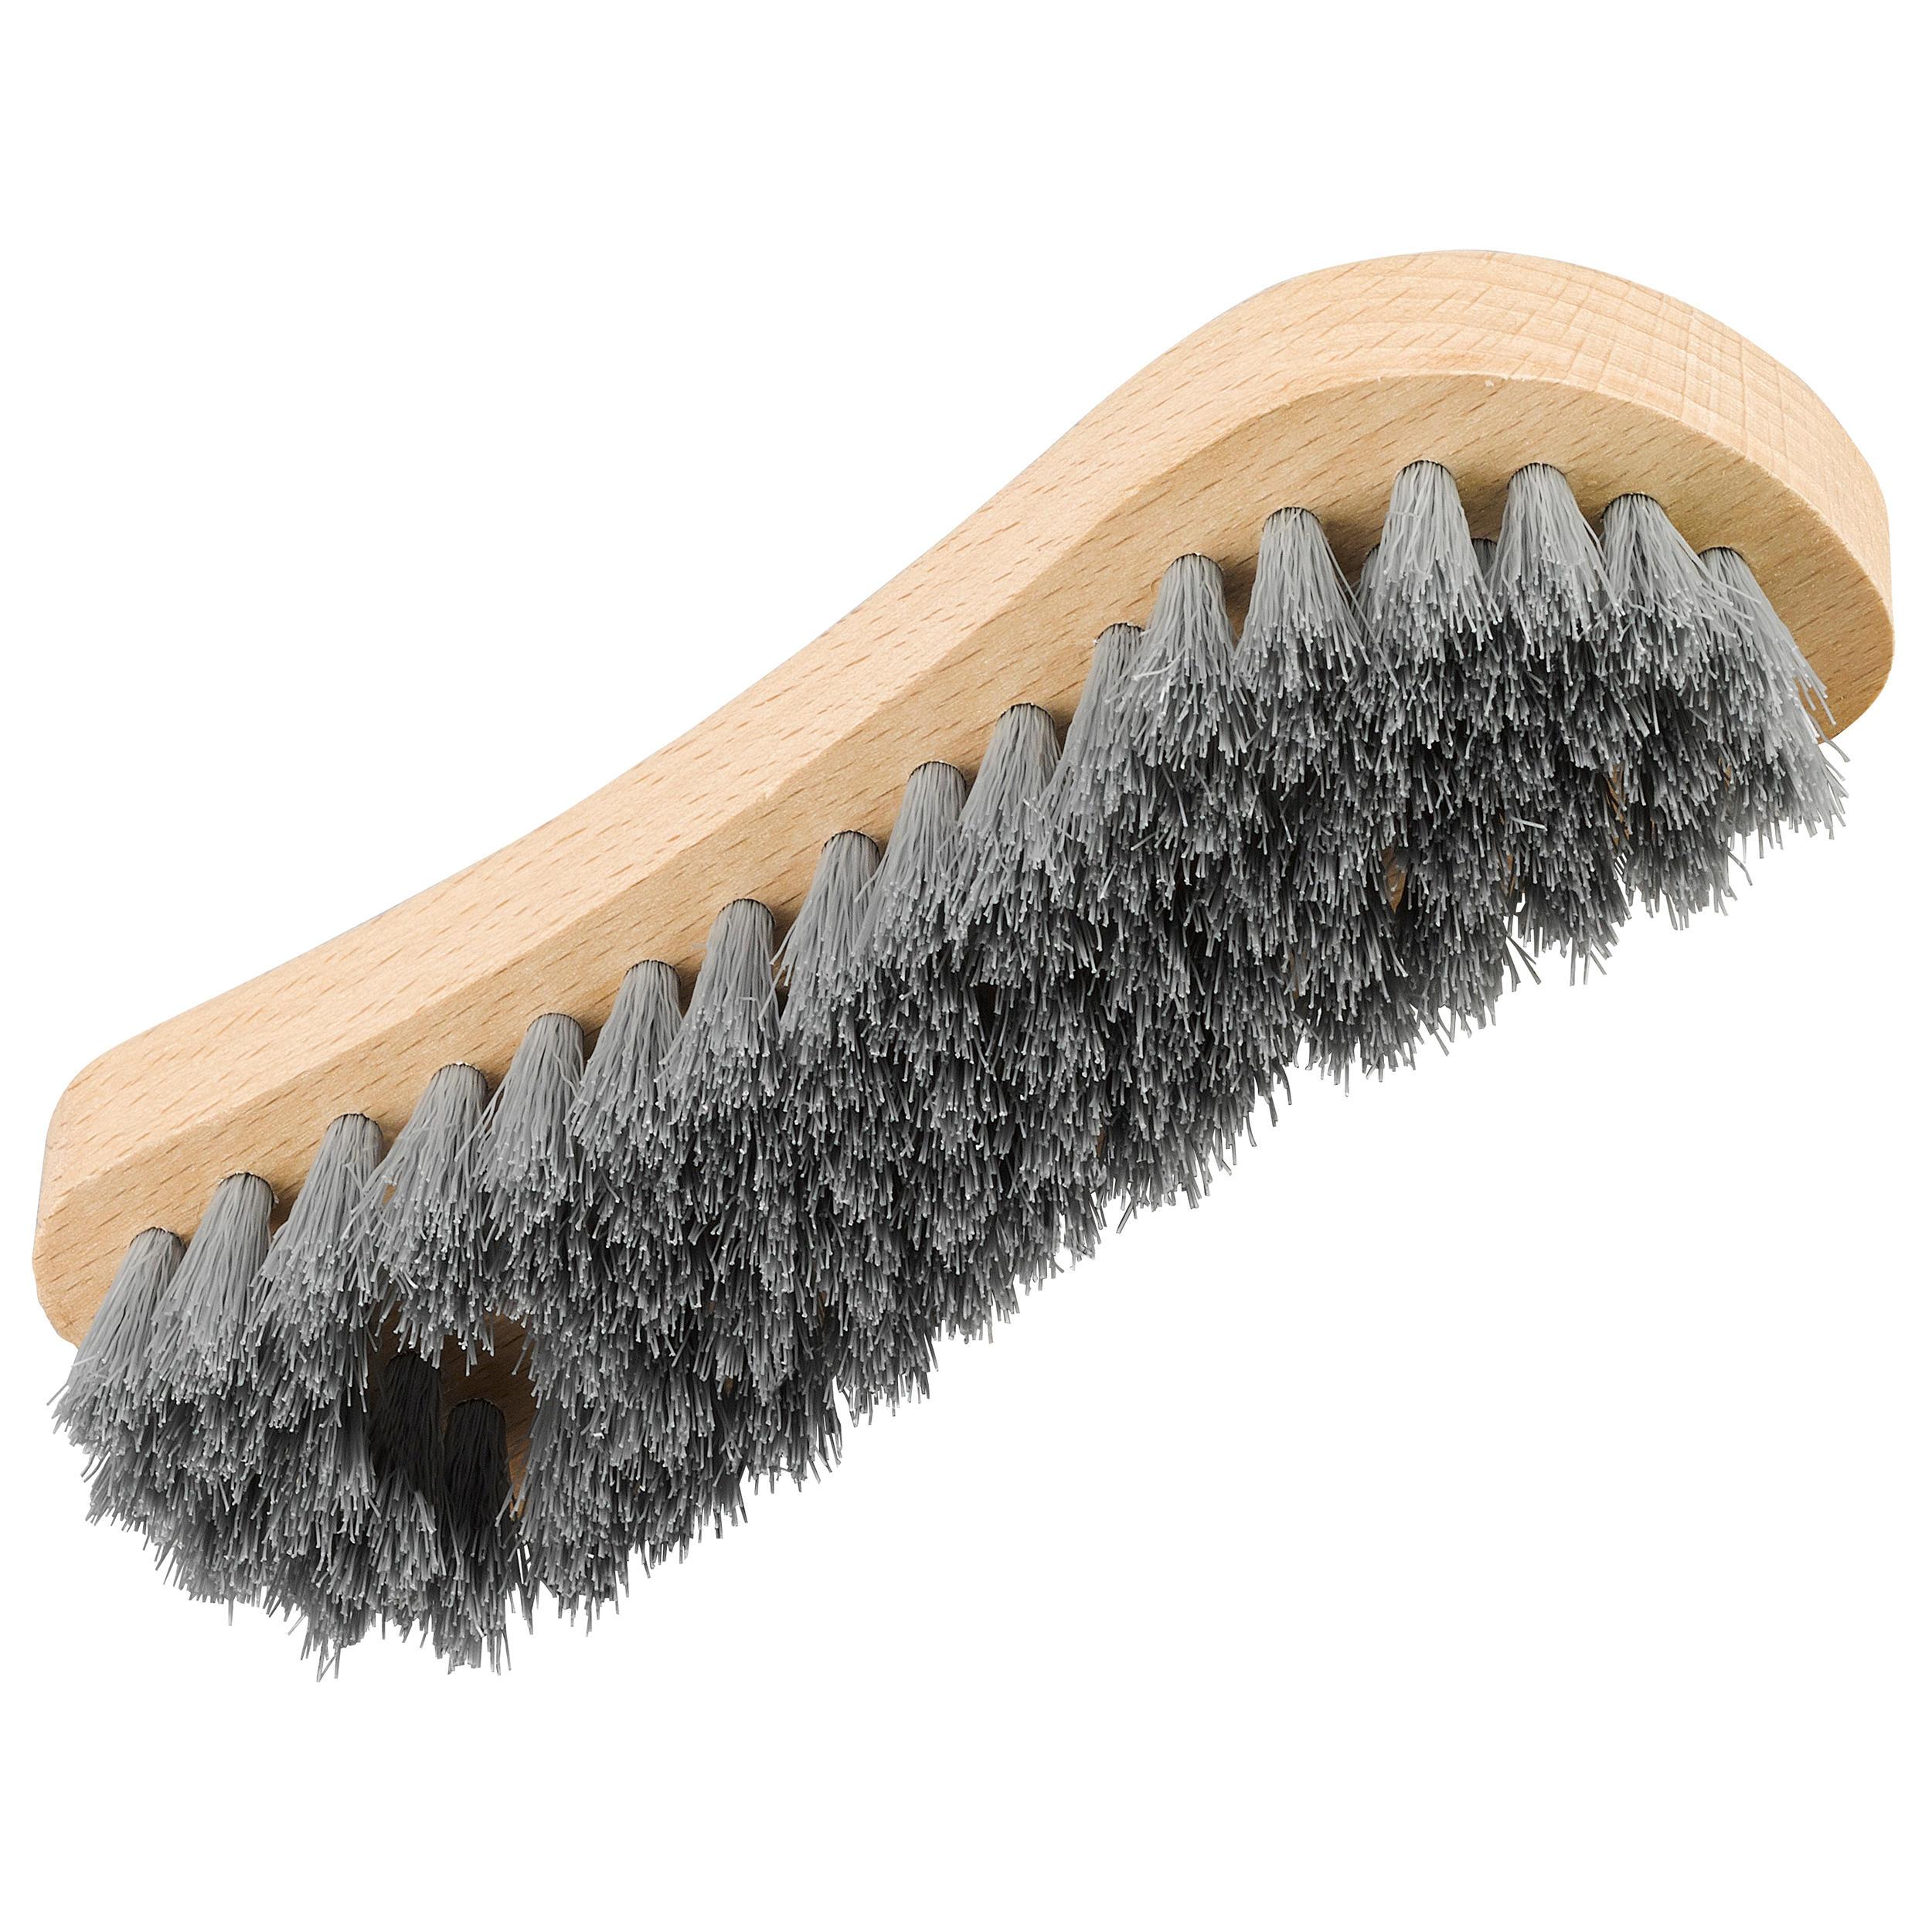 Perie curățare încălțăminte imagine